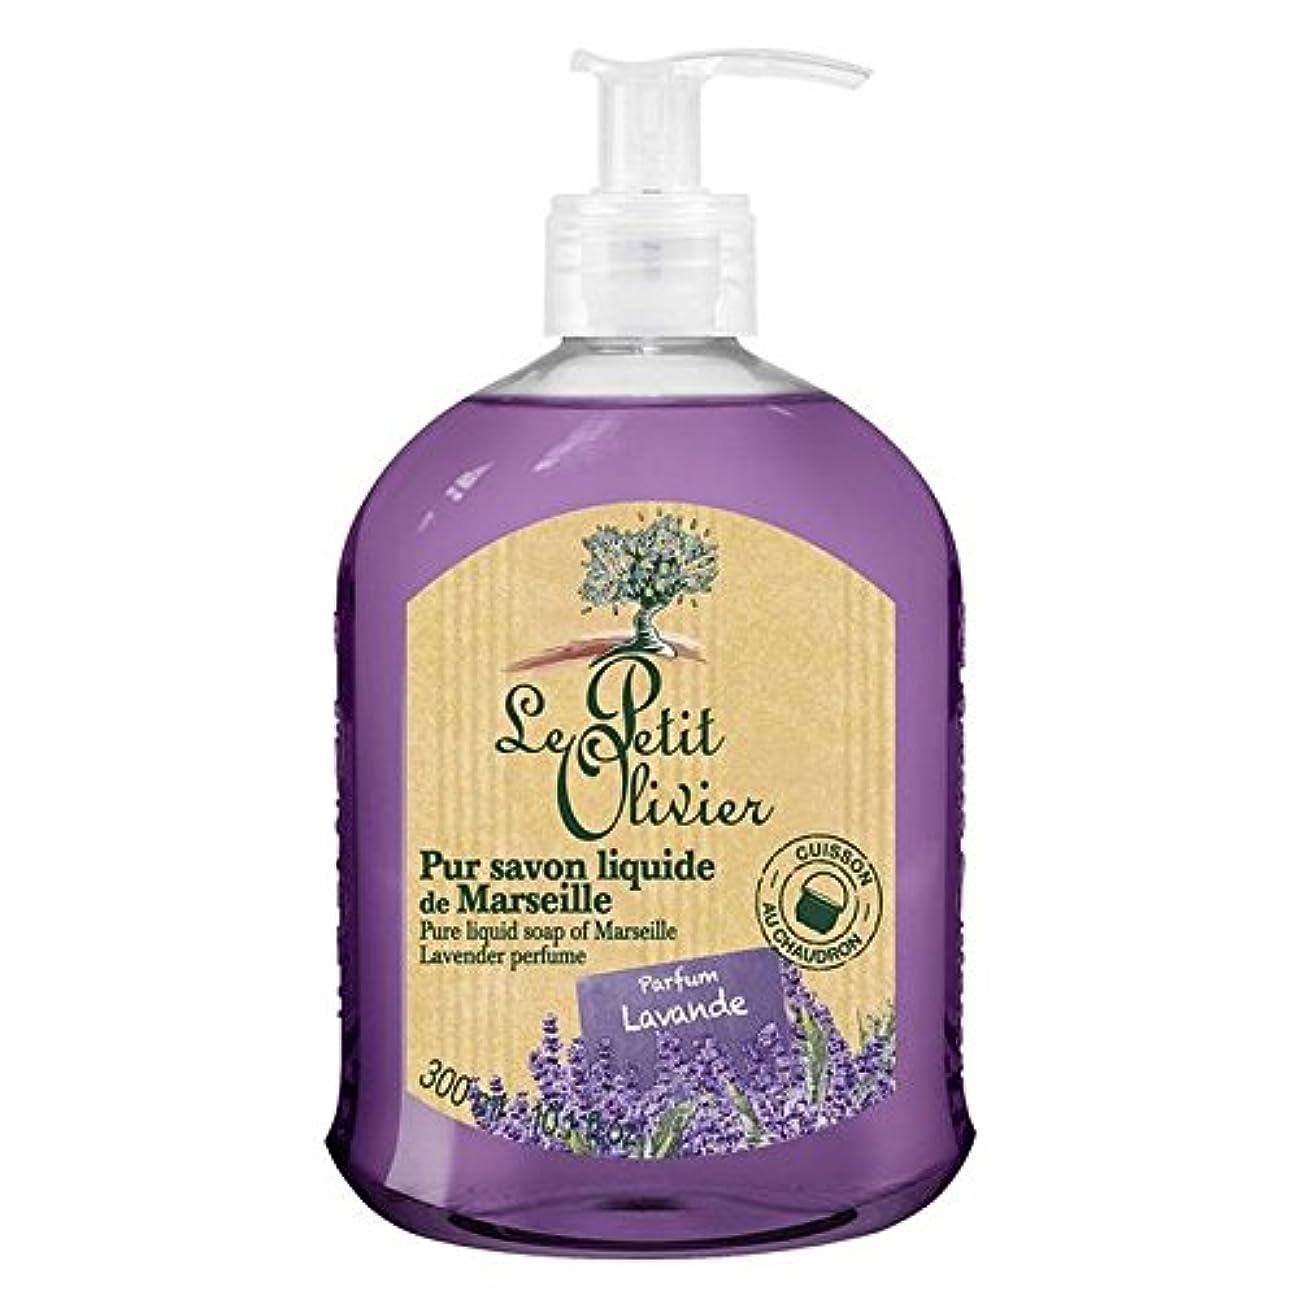 カタログ未亡人見つけたマルセイユのル?プティ?オリヴィエ純粋な液体石鹸、ラベンダー300ミリリットル x4 - Le Petit Olivier Pure Liquid Soap of Marseille, Lavender 300ml (Pack...